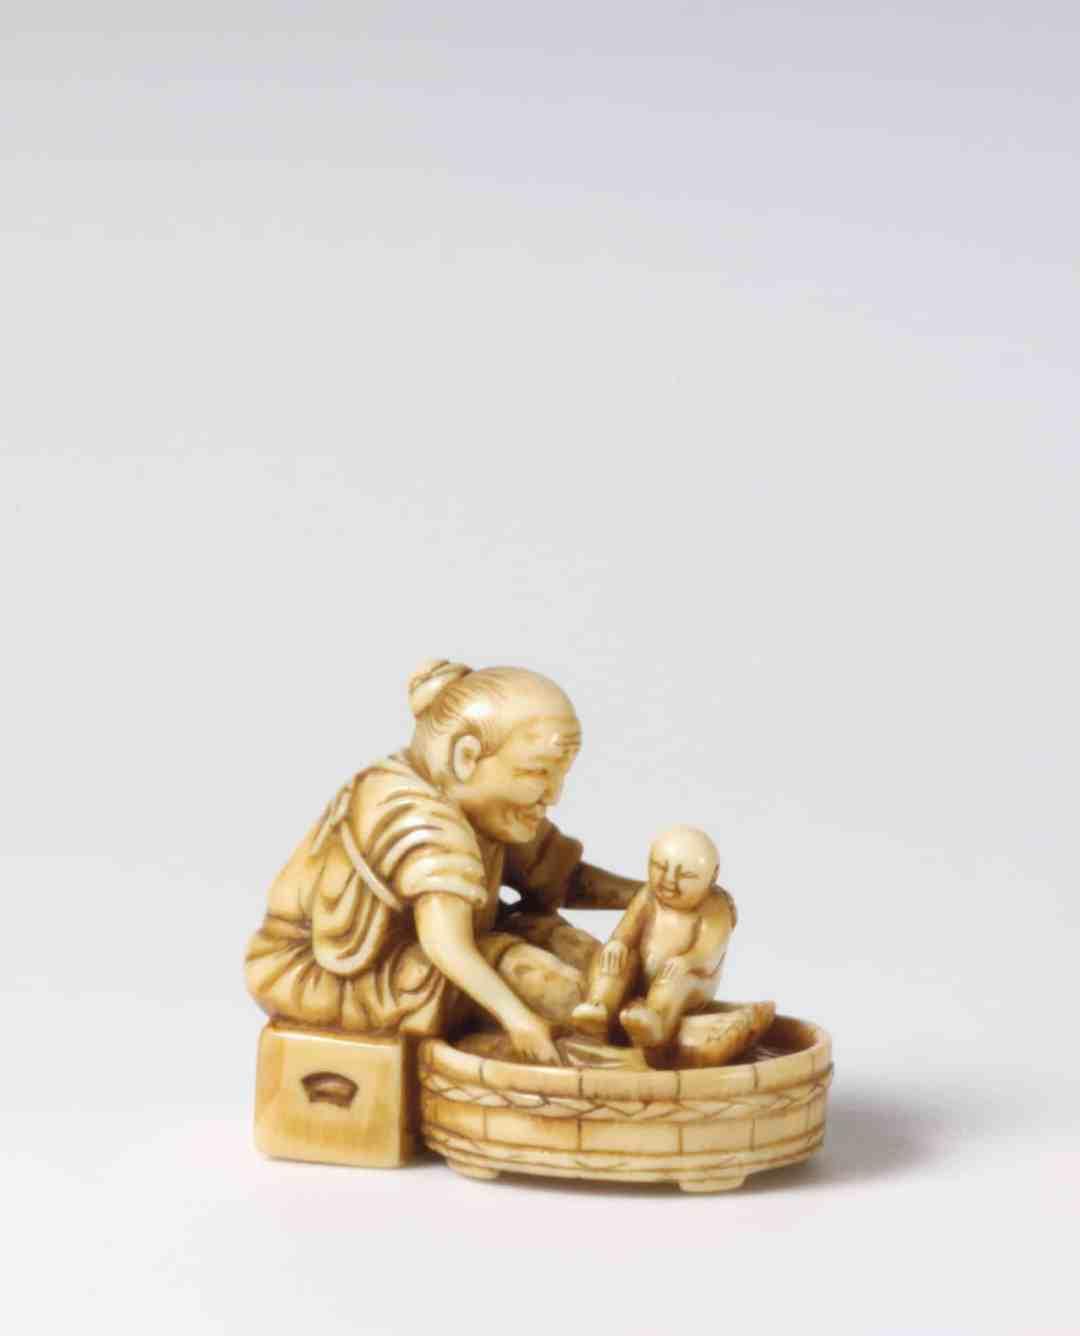 Unbekannt, Das erste Bad, Mitte 19. Jahrhundert, 3 cm, Elfenbein, Düsseldorf, Kunstpalast Inventarnummer: P2005-394, Foto: © Kunstpalast - Lothar Milatz – ARTOTHEK